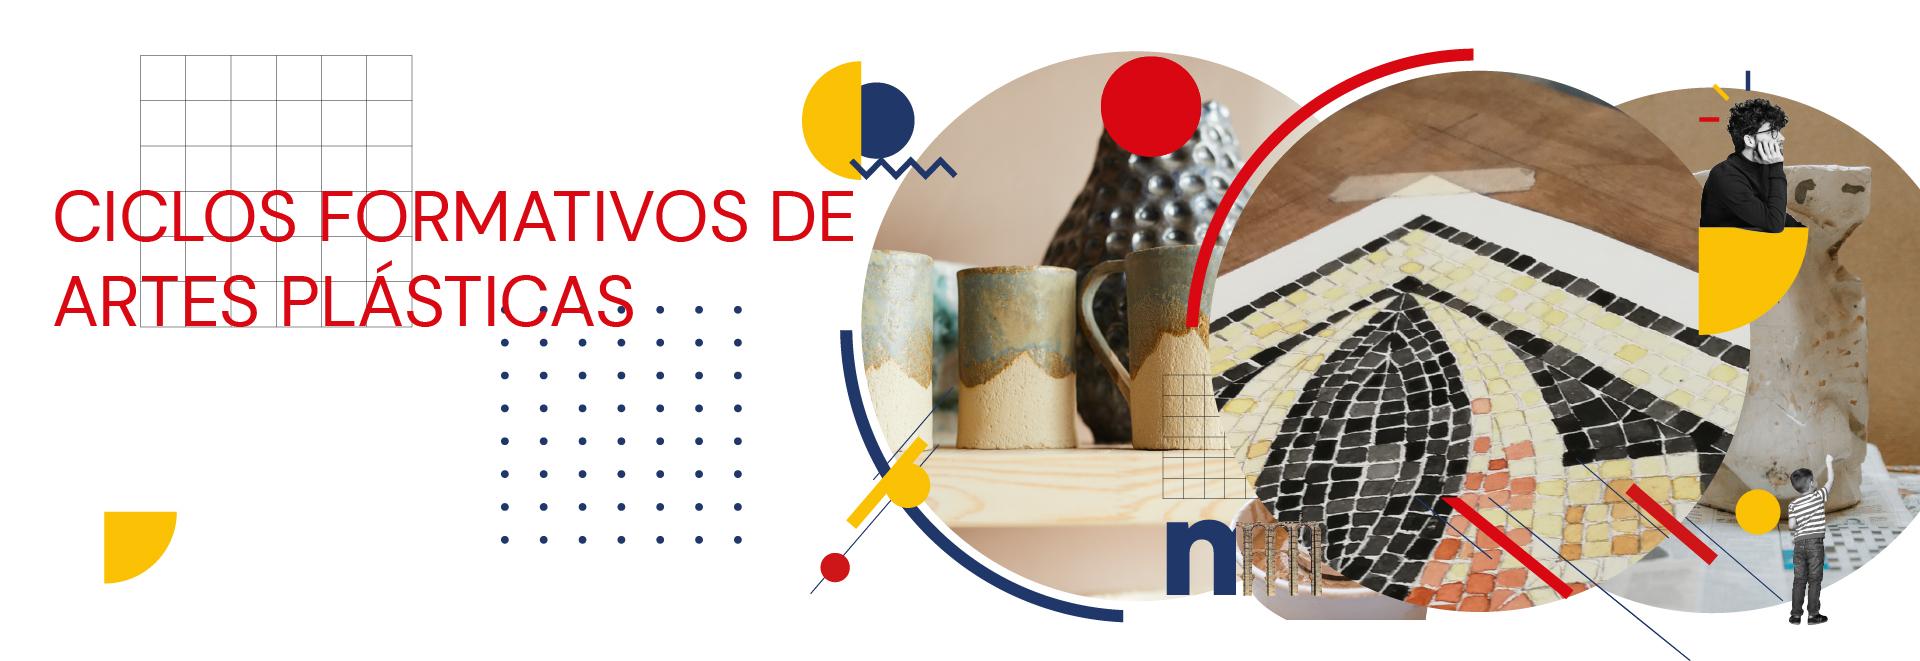 Acceso a Ciclos Formativos de Artes Plásticas y Diseño